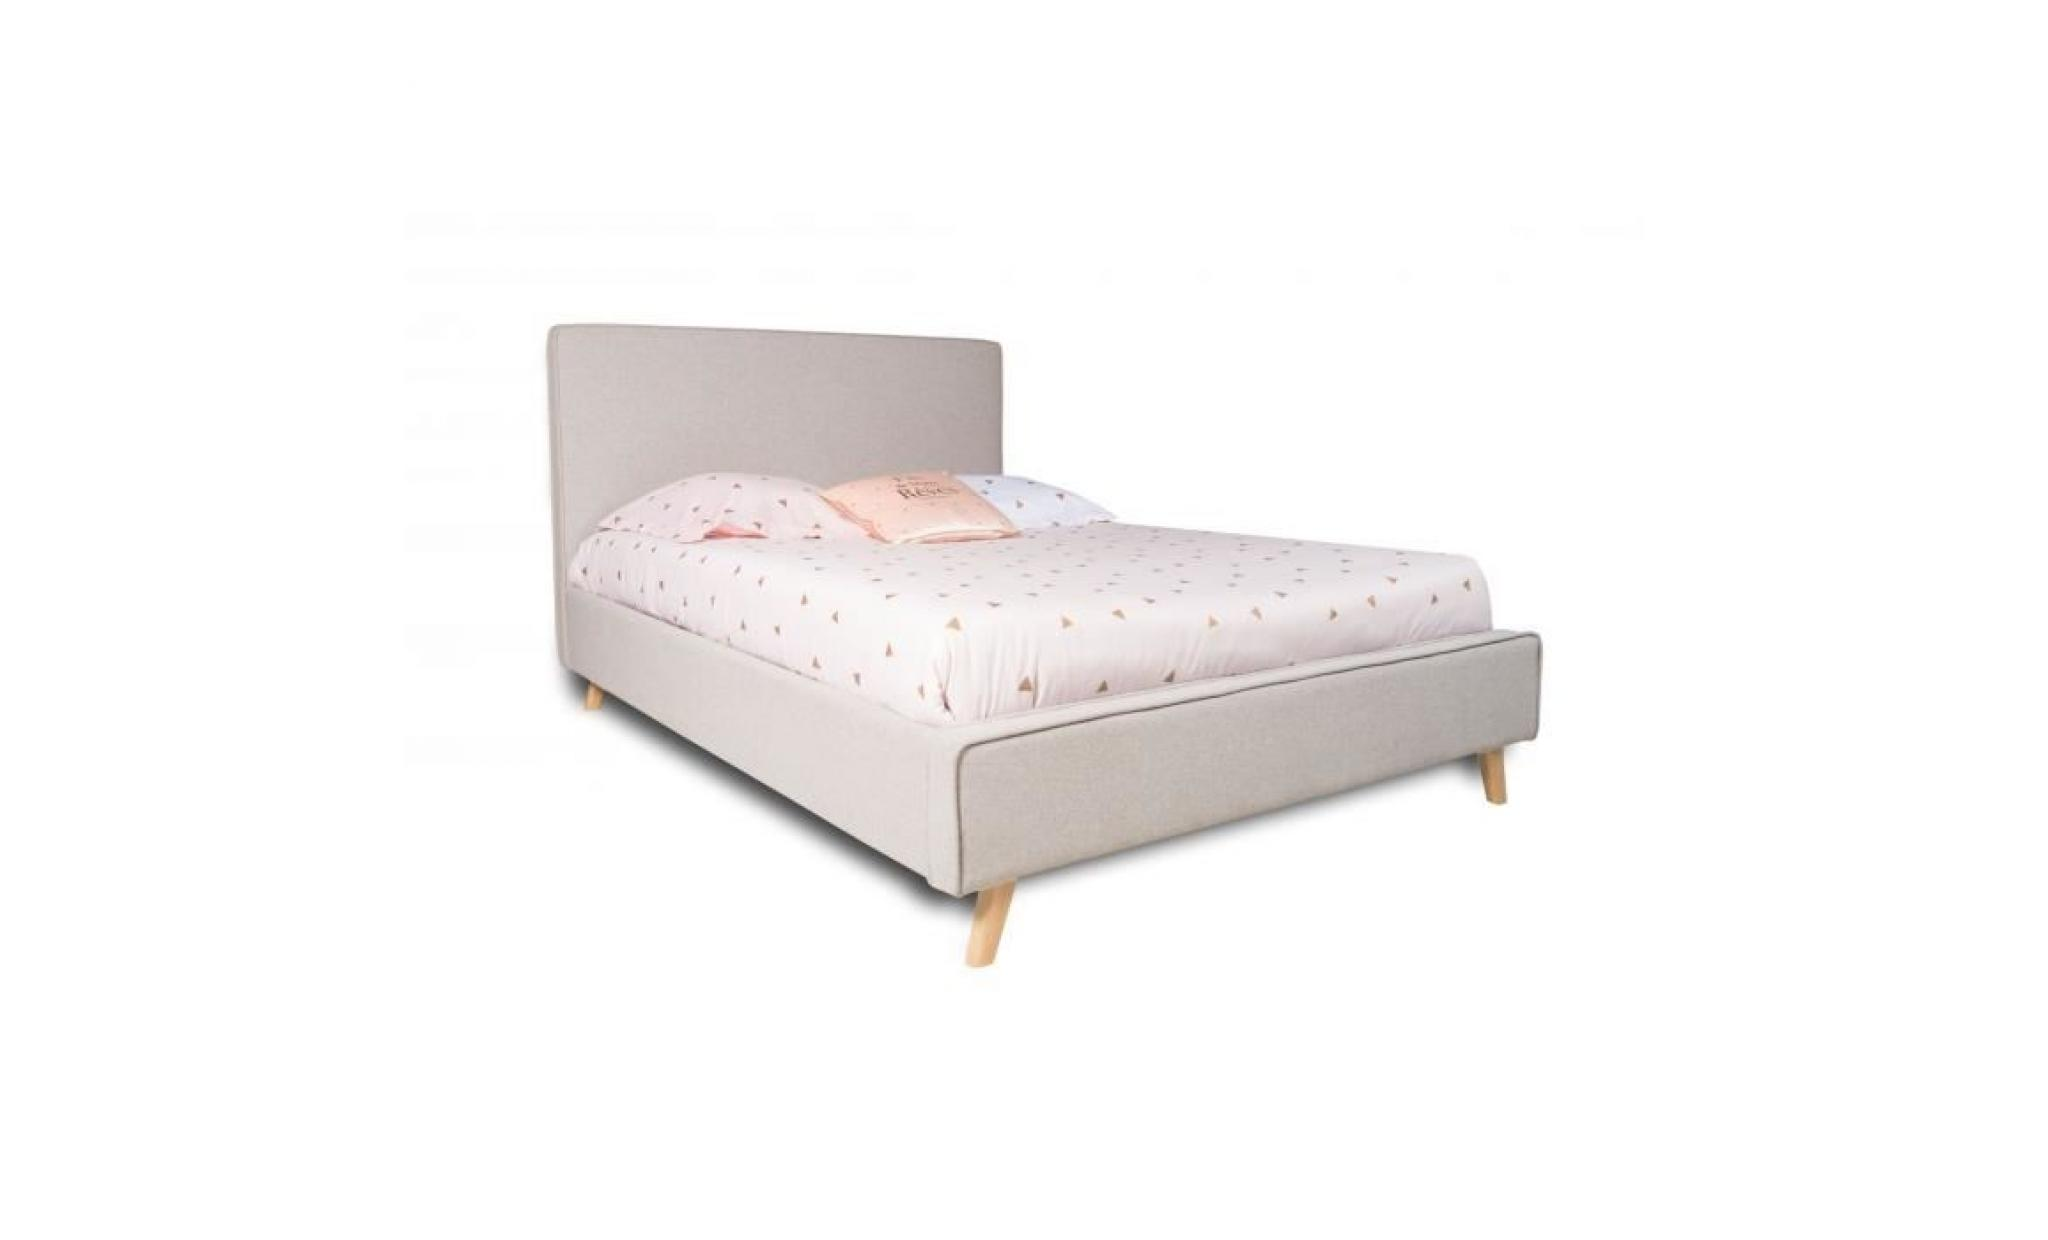 lit 2 personnes avec sommier inclus faro achat vente chambre complete pas cher couleur et design fr